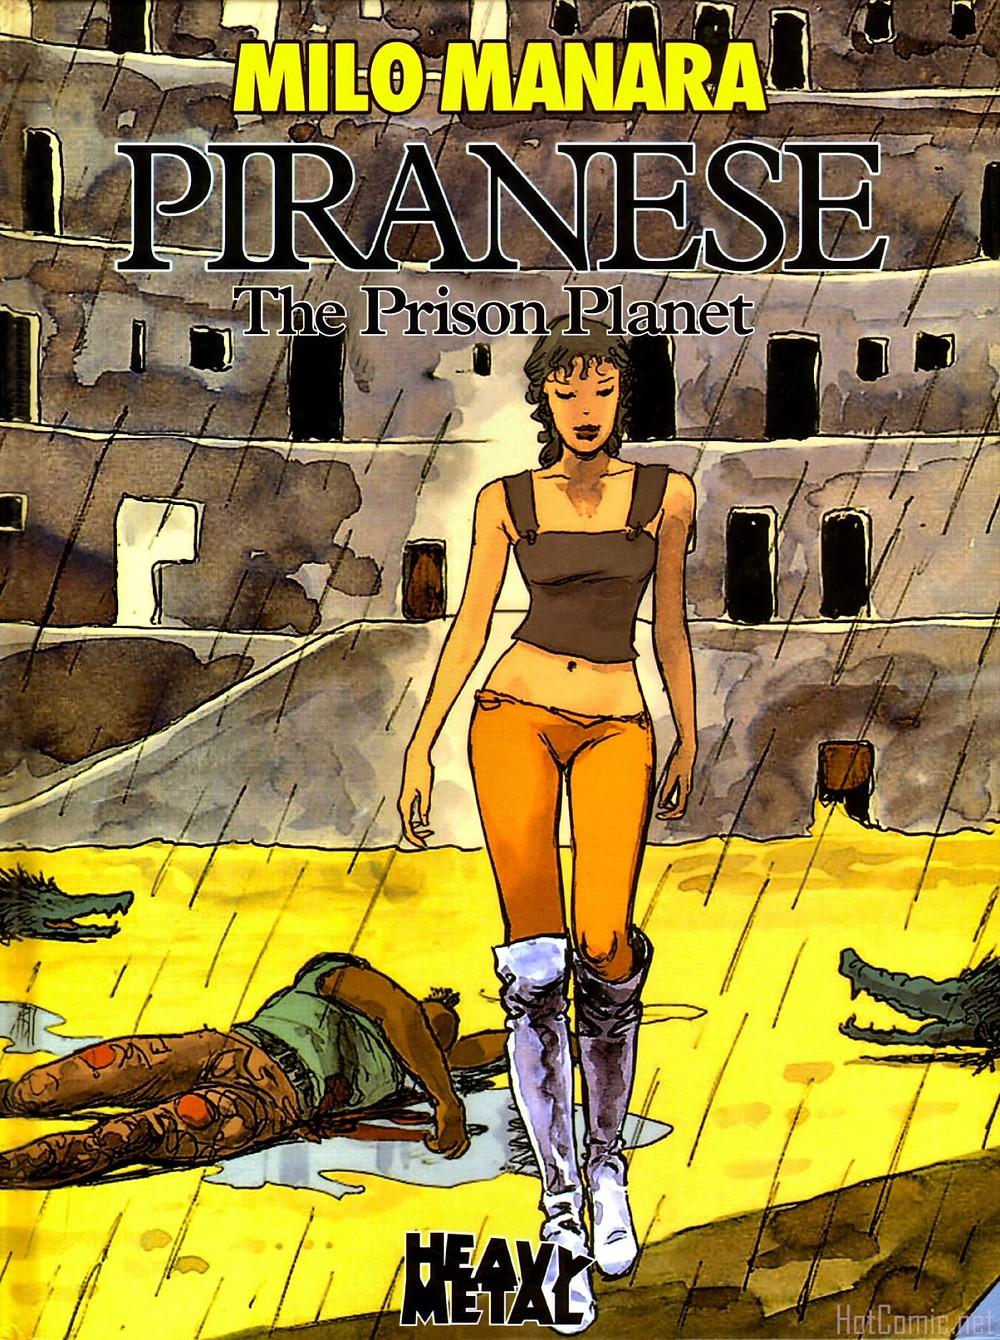 """Комикс """"Пиранезе тюремная планета. Маурилио Манара. Эротический комикс."""